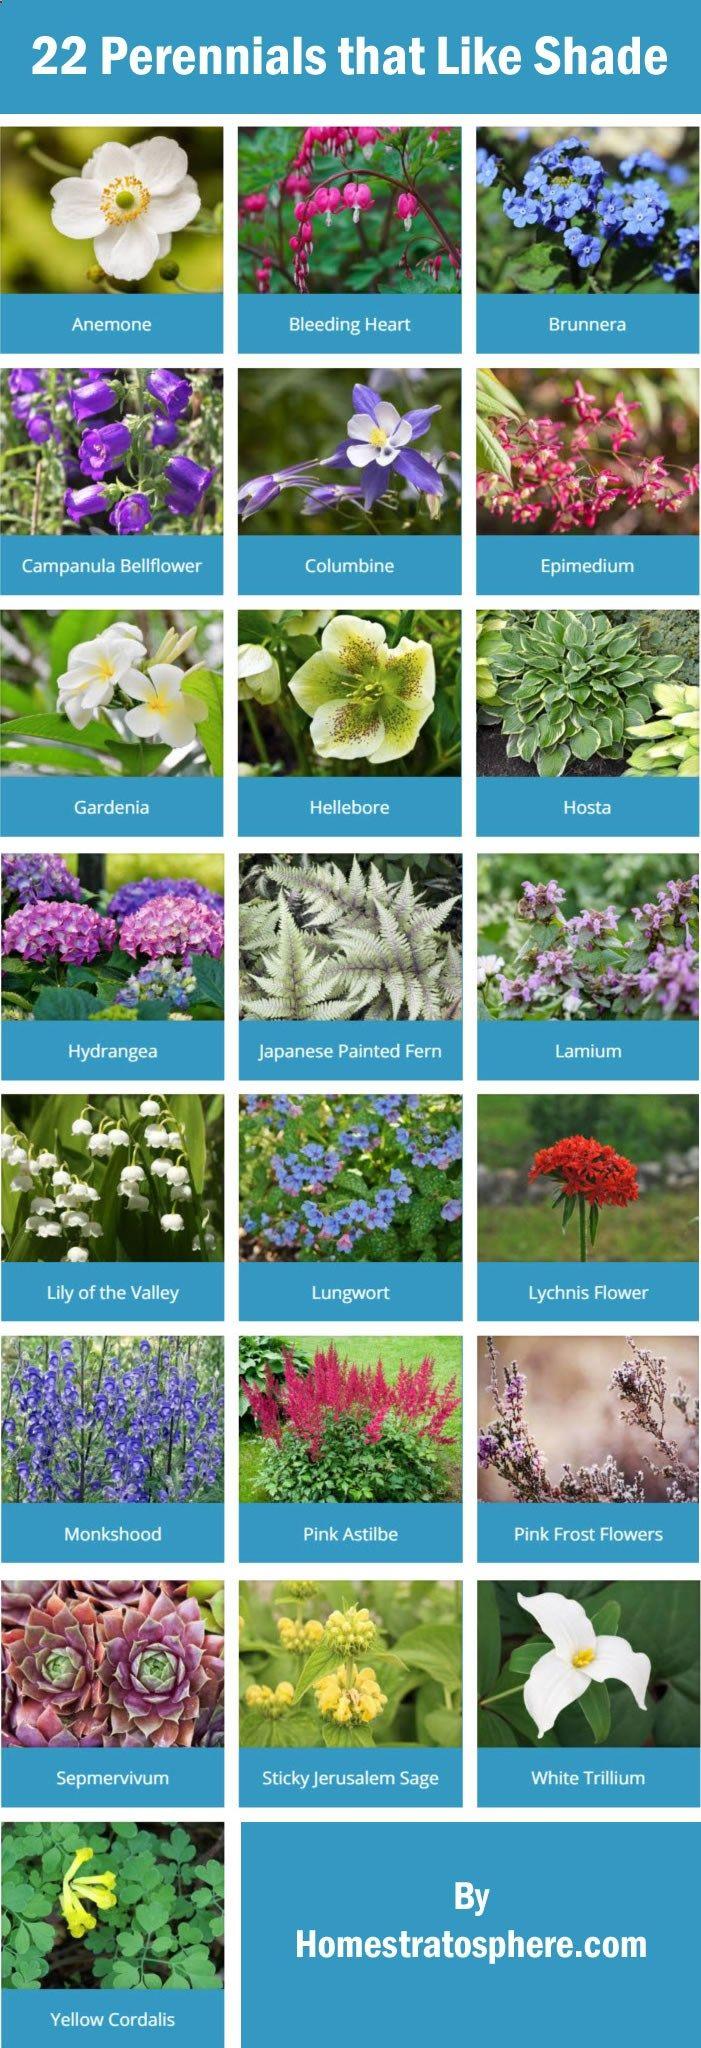 22 Perennials That Like Shade Gardening Pinterest Perennials